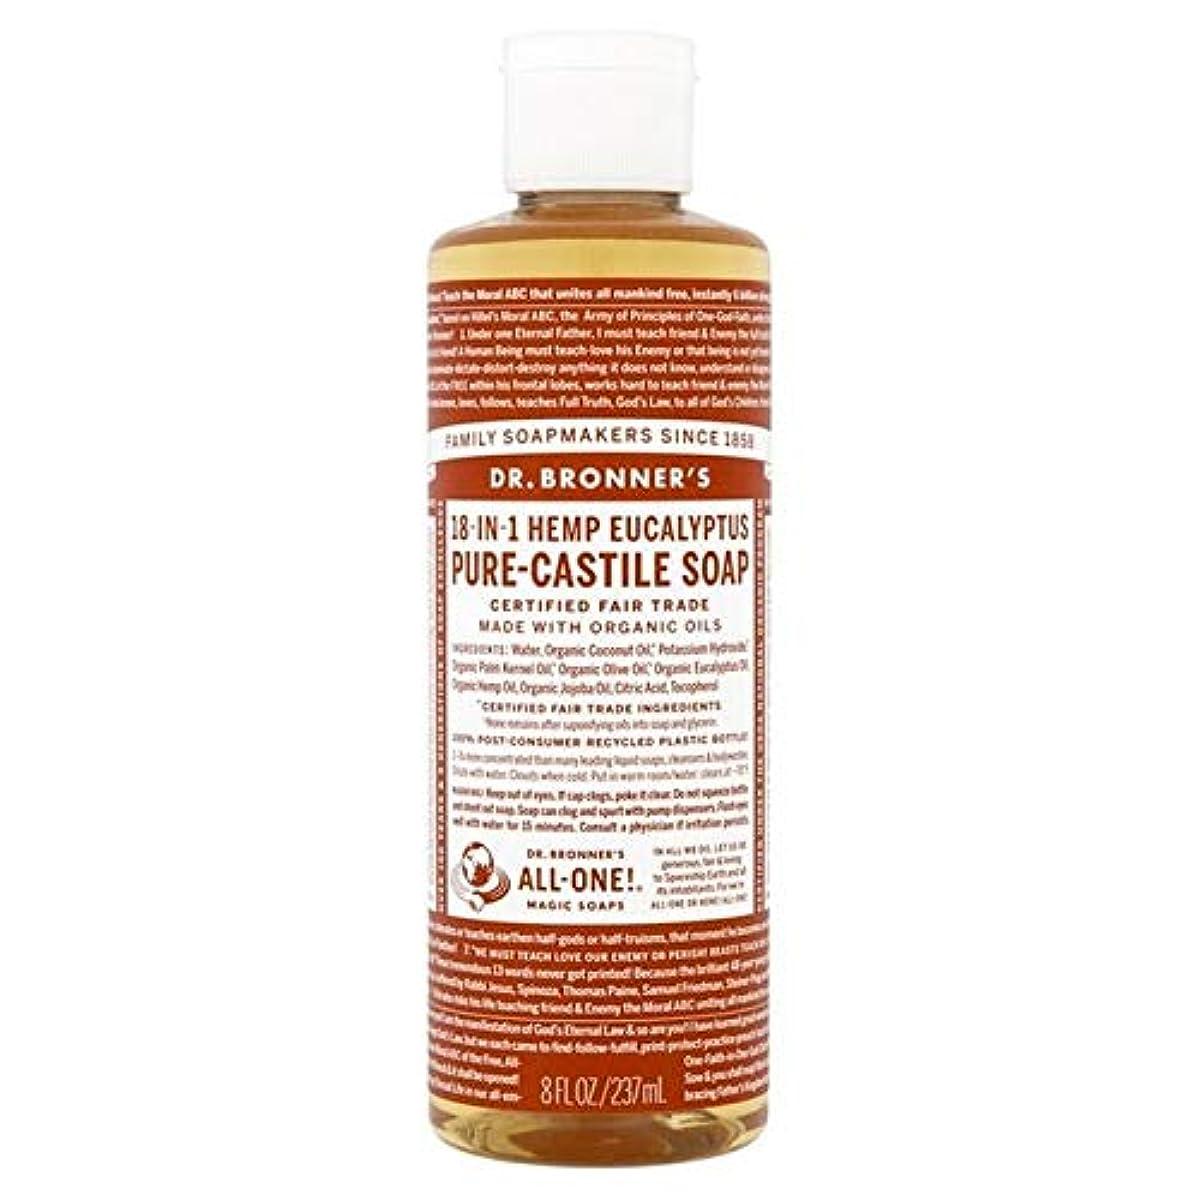 クールヶ月目キャベツ[Dr Bronner] Dr。ブロナーズ有機ユーカリの純粋な-カスティーリャ液体石鹸237ミリリットル - Dr. Bronner's Organic Eucalyptus Pure-Castile Liquid Soap...